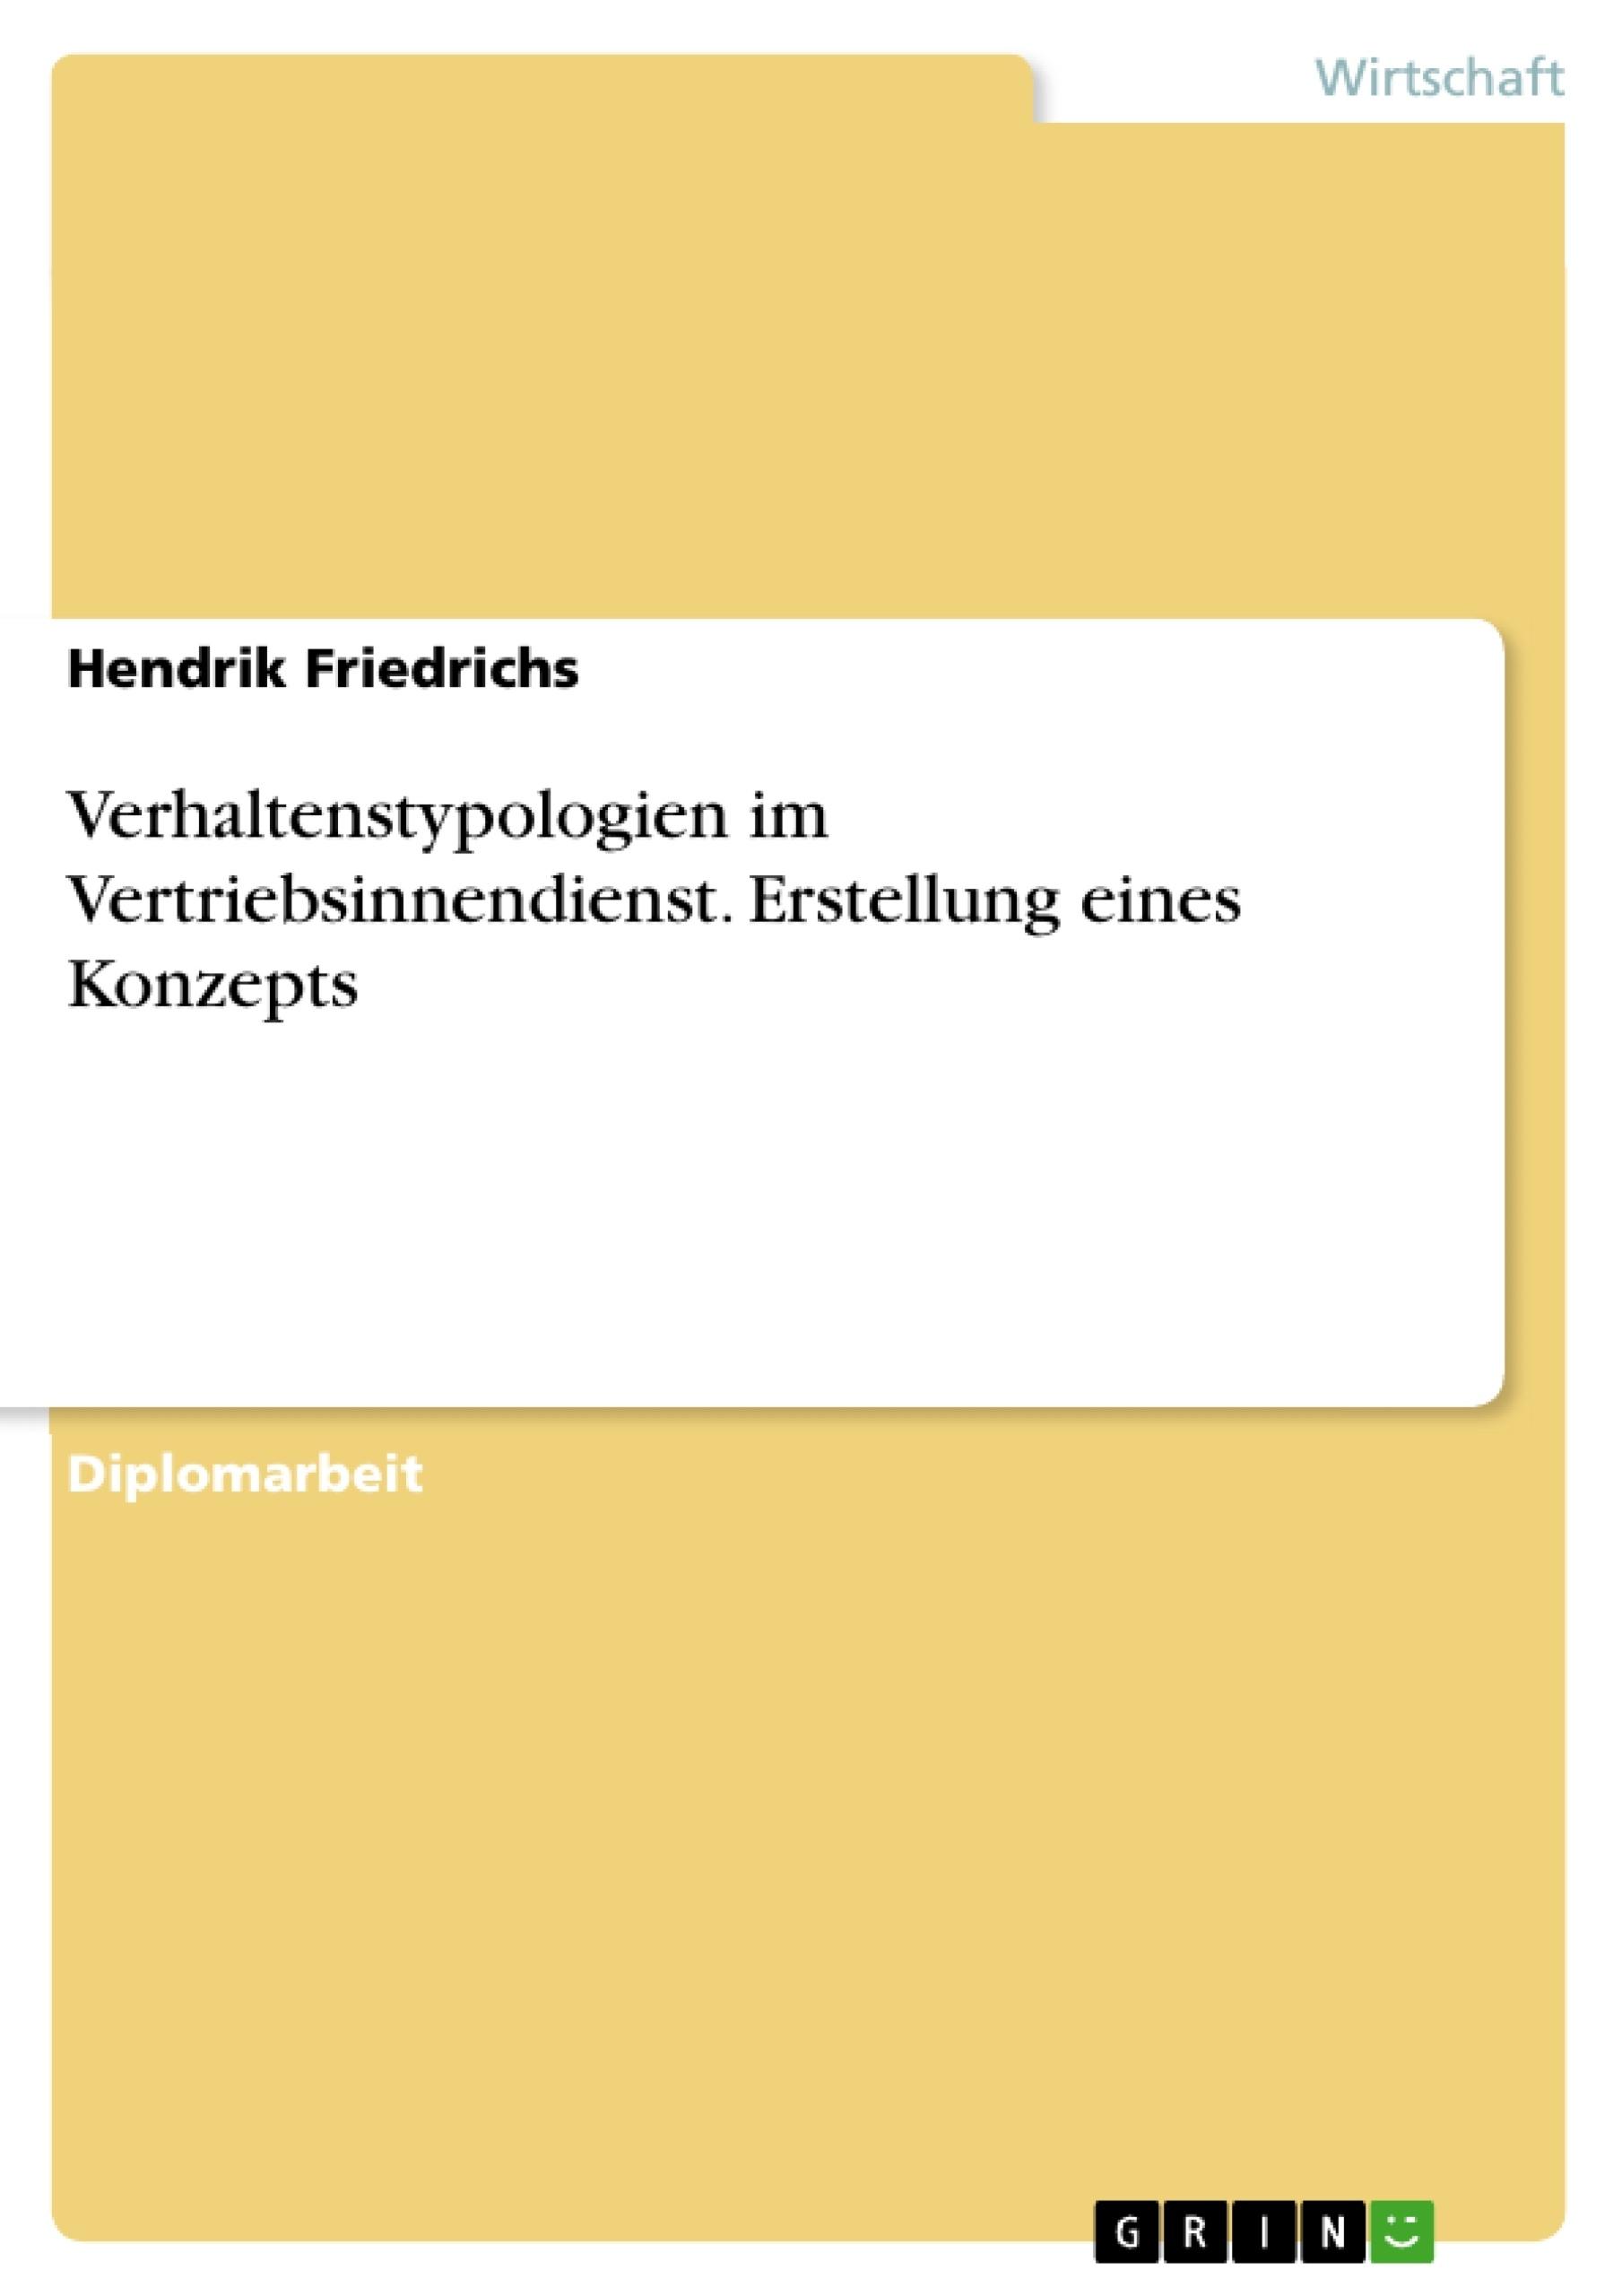 Titel: Verhaltenstypologien im Vertriebsinnendienst. Erstellung eines Konzepts